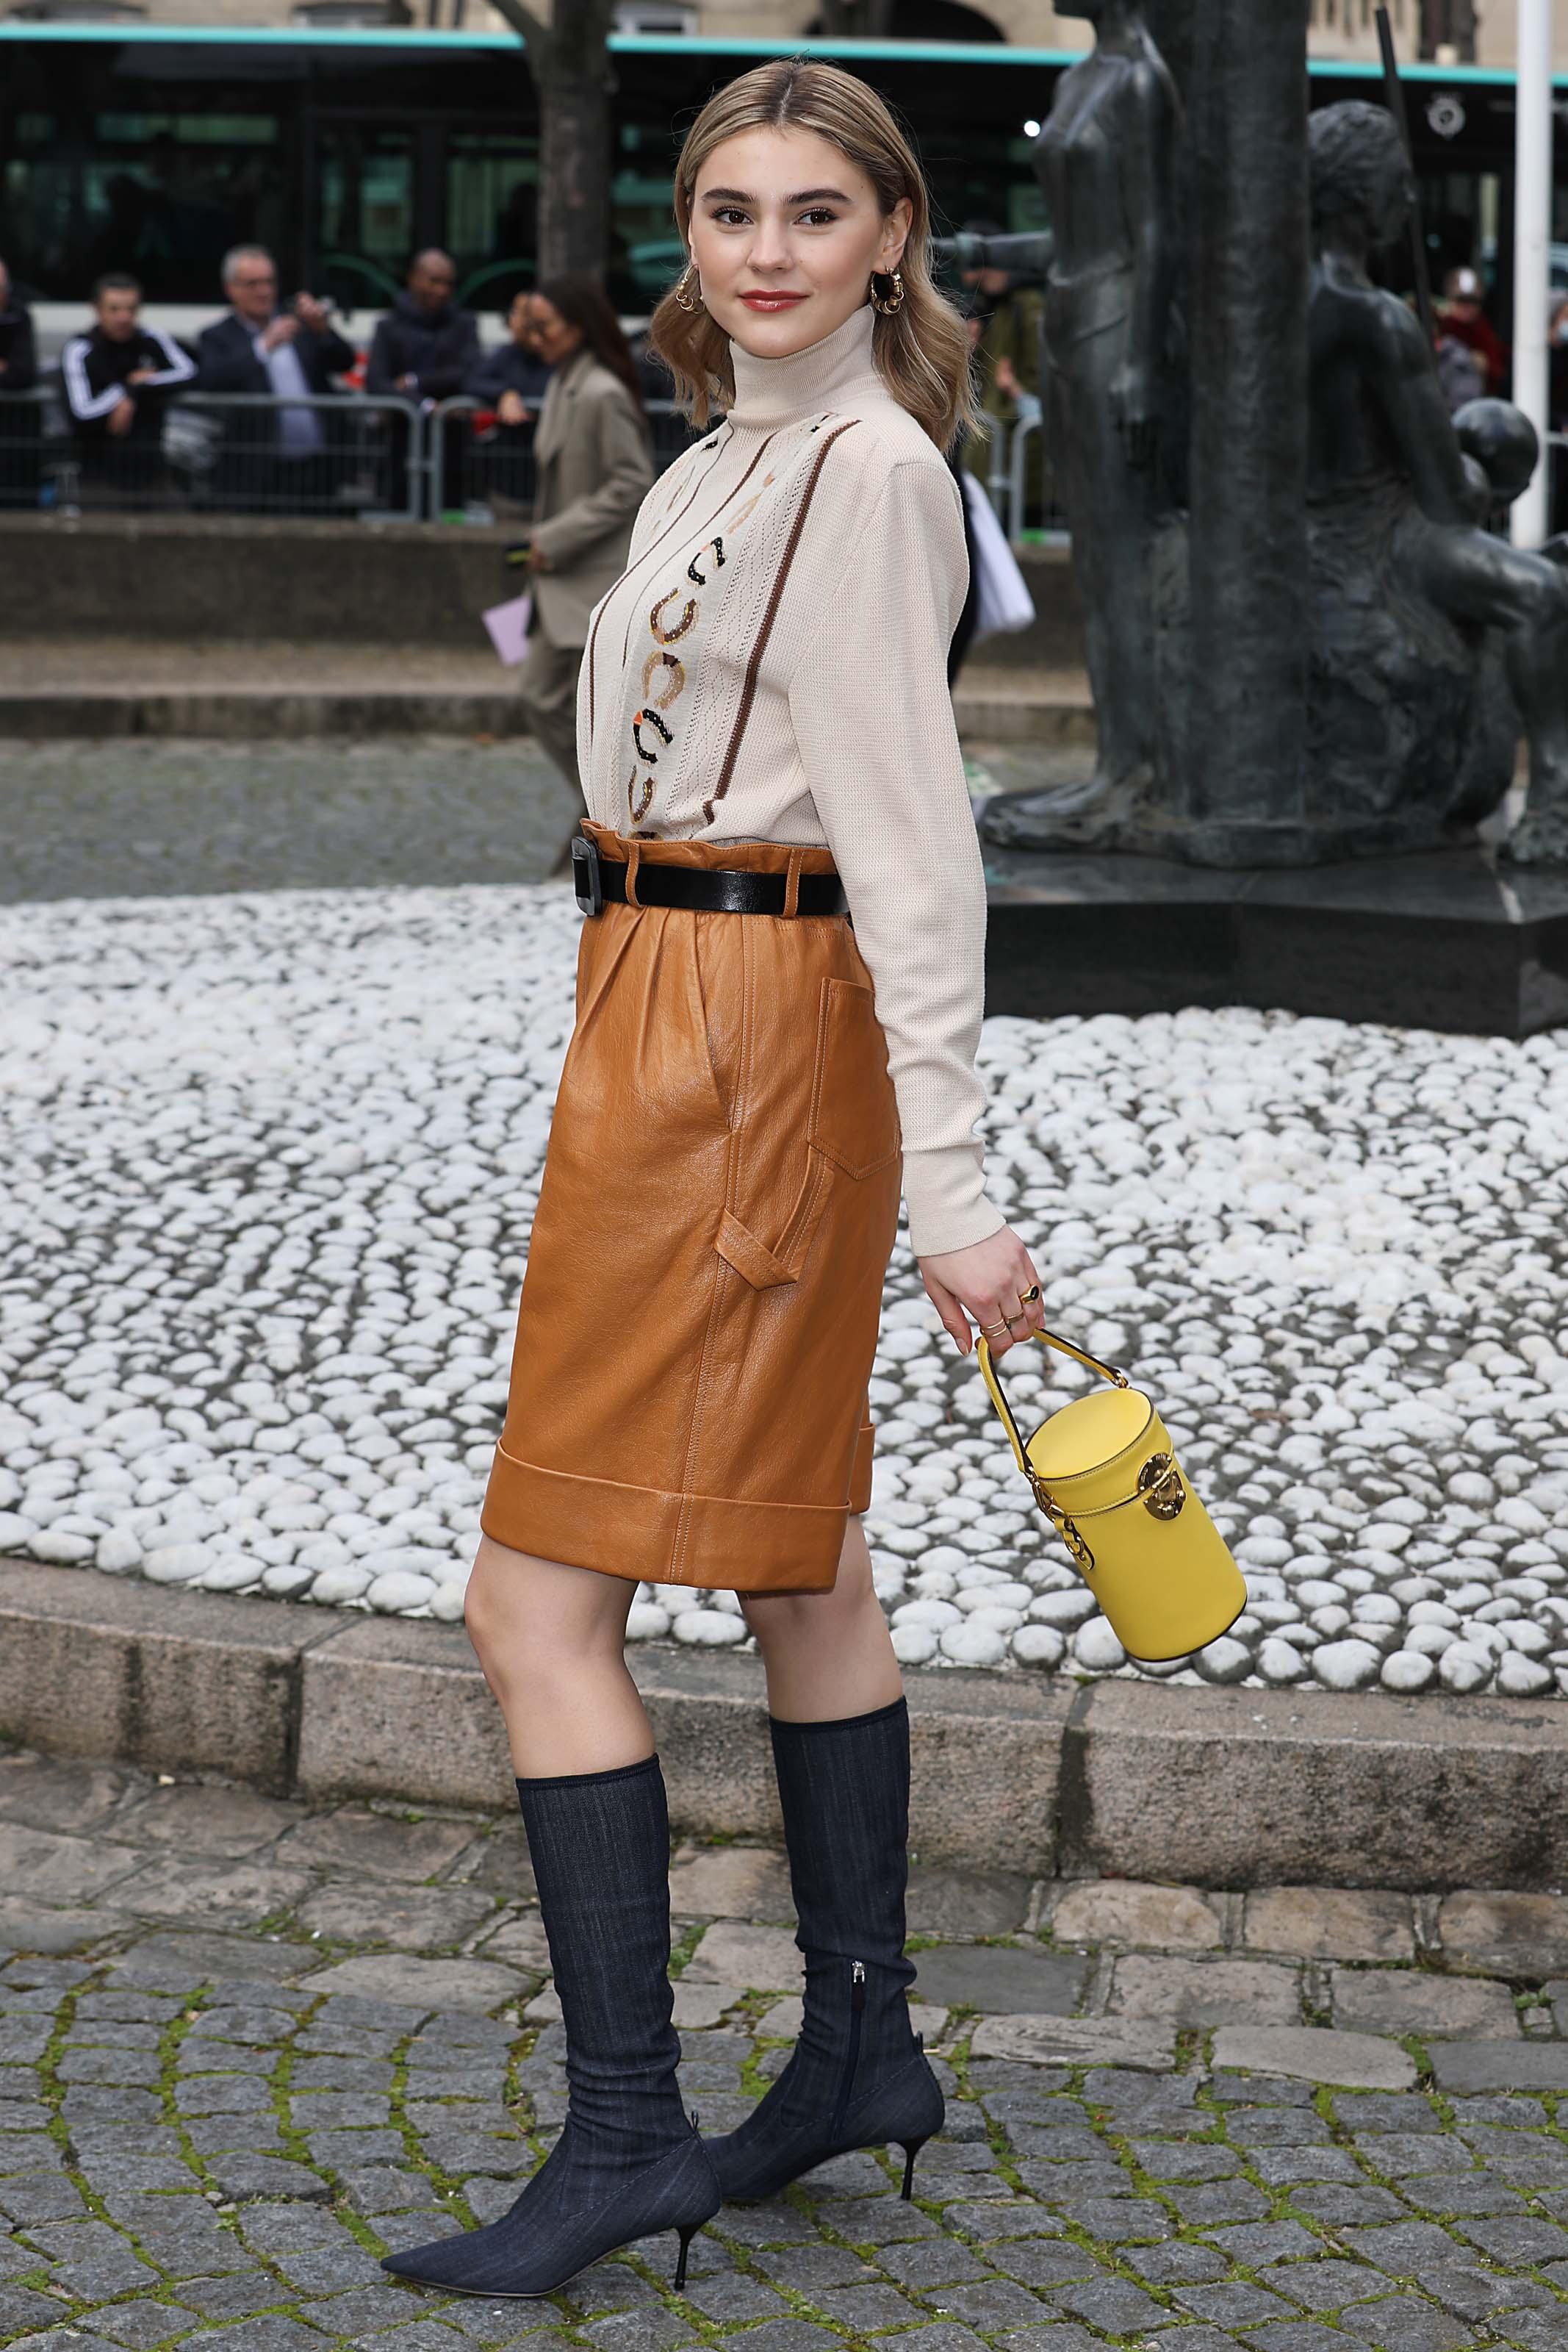 Stefanie Giesinger attends Miu Miu show